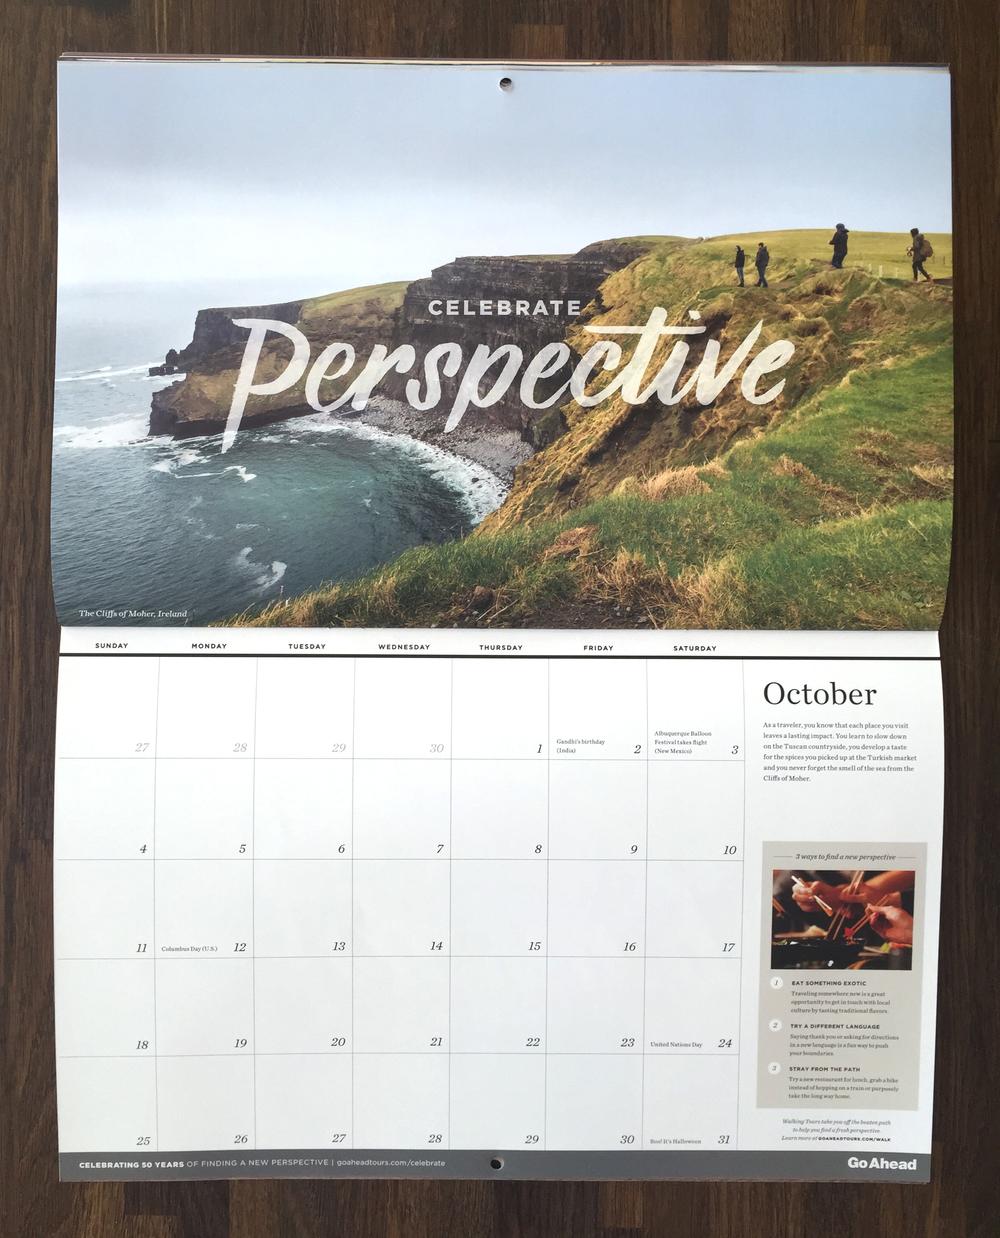 Calendar_October.jpg